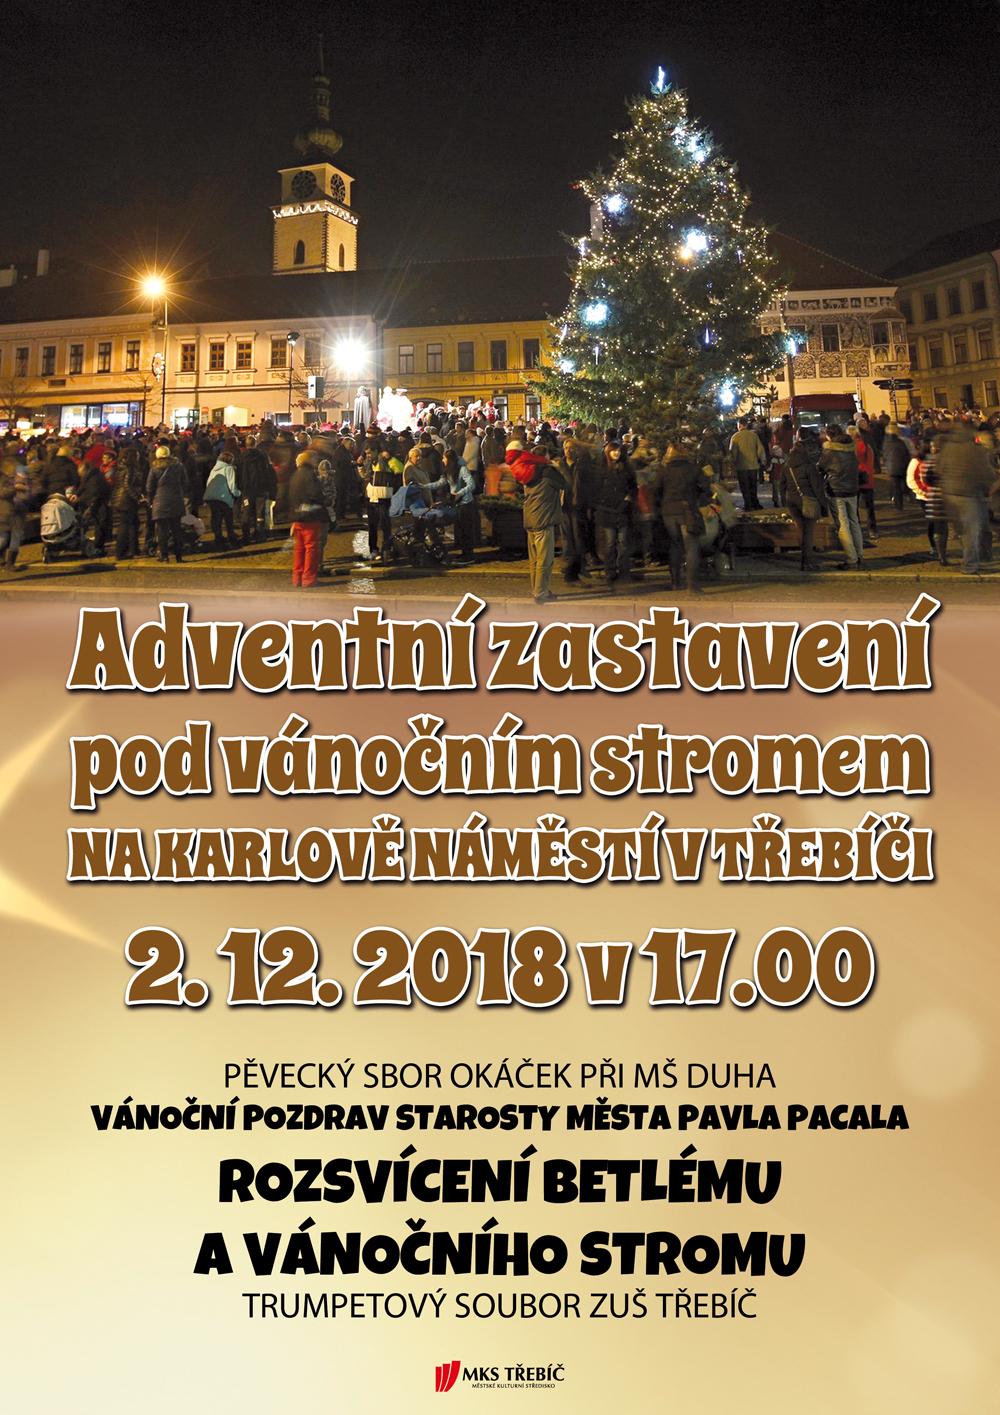 Rozsvícení vánočního stromu @ Karlovo náměstí